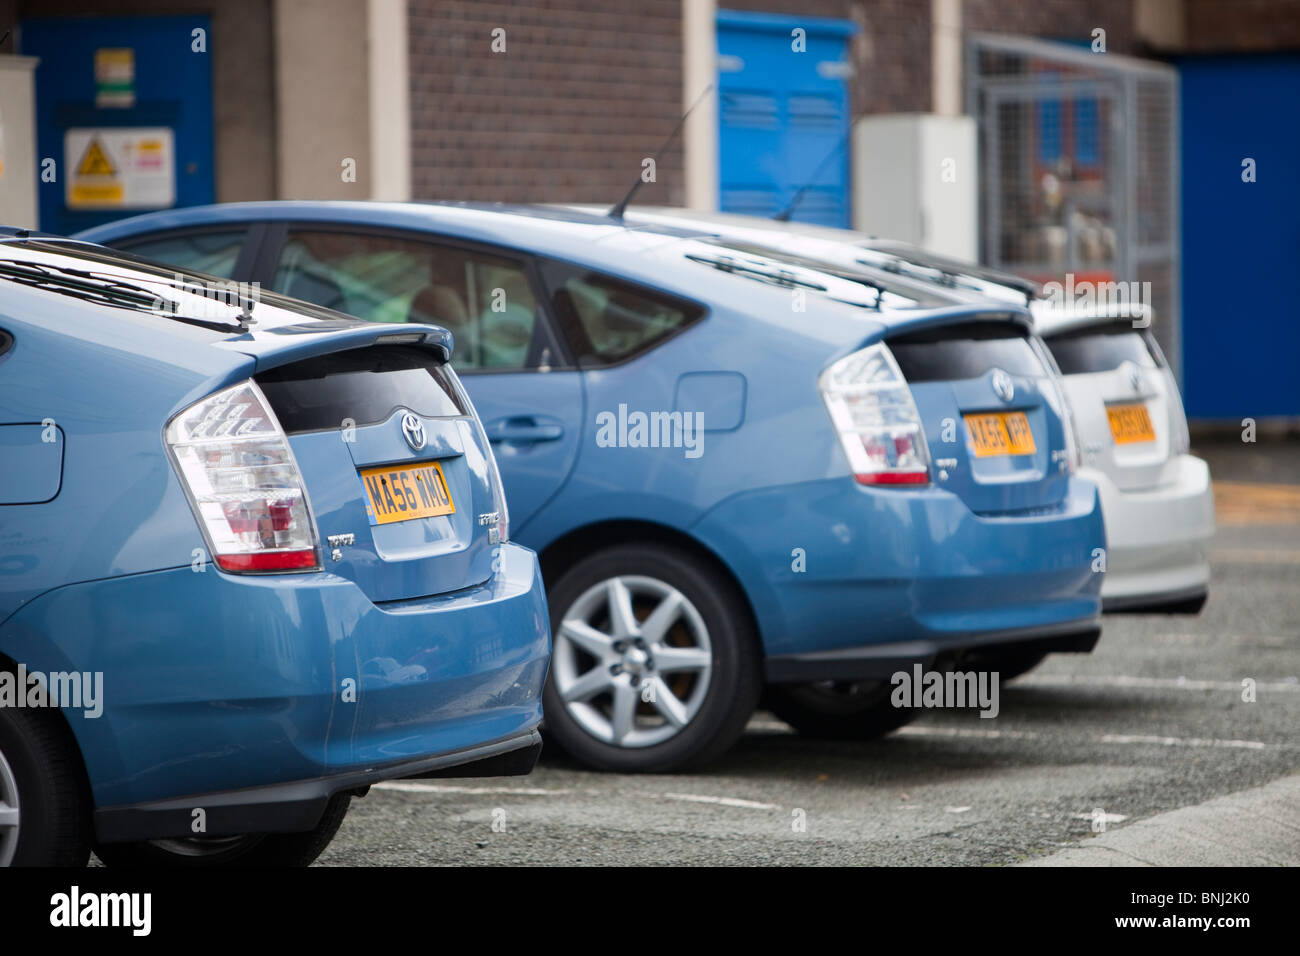 Tre elettrico Toyota Hybrid Synergy Drive vetture nei motivi di Università Bangor, il Galles del Nord. Immagini Stock